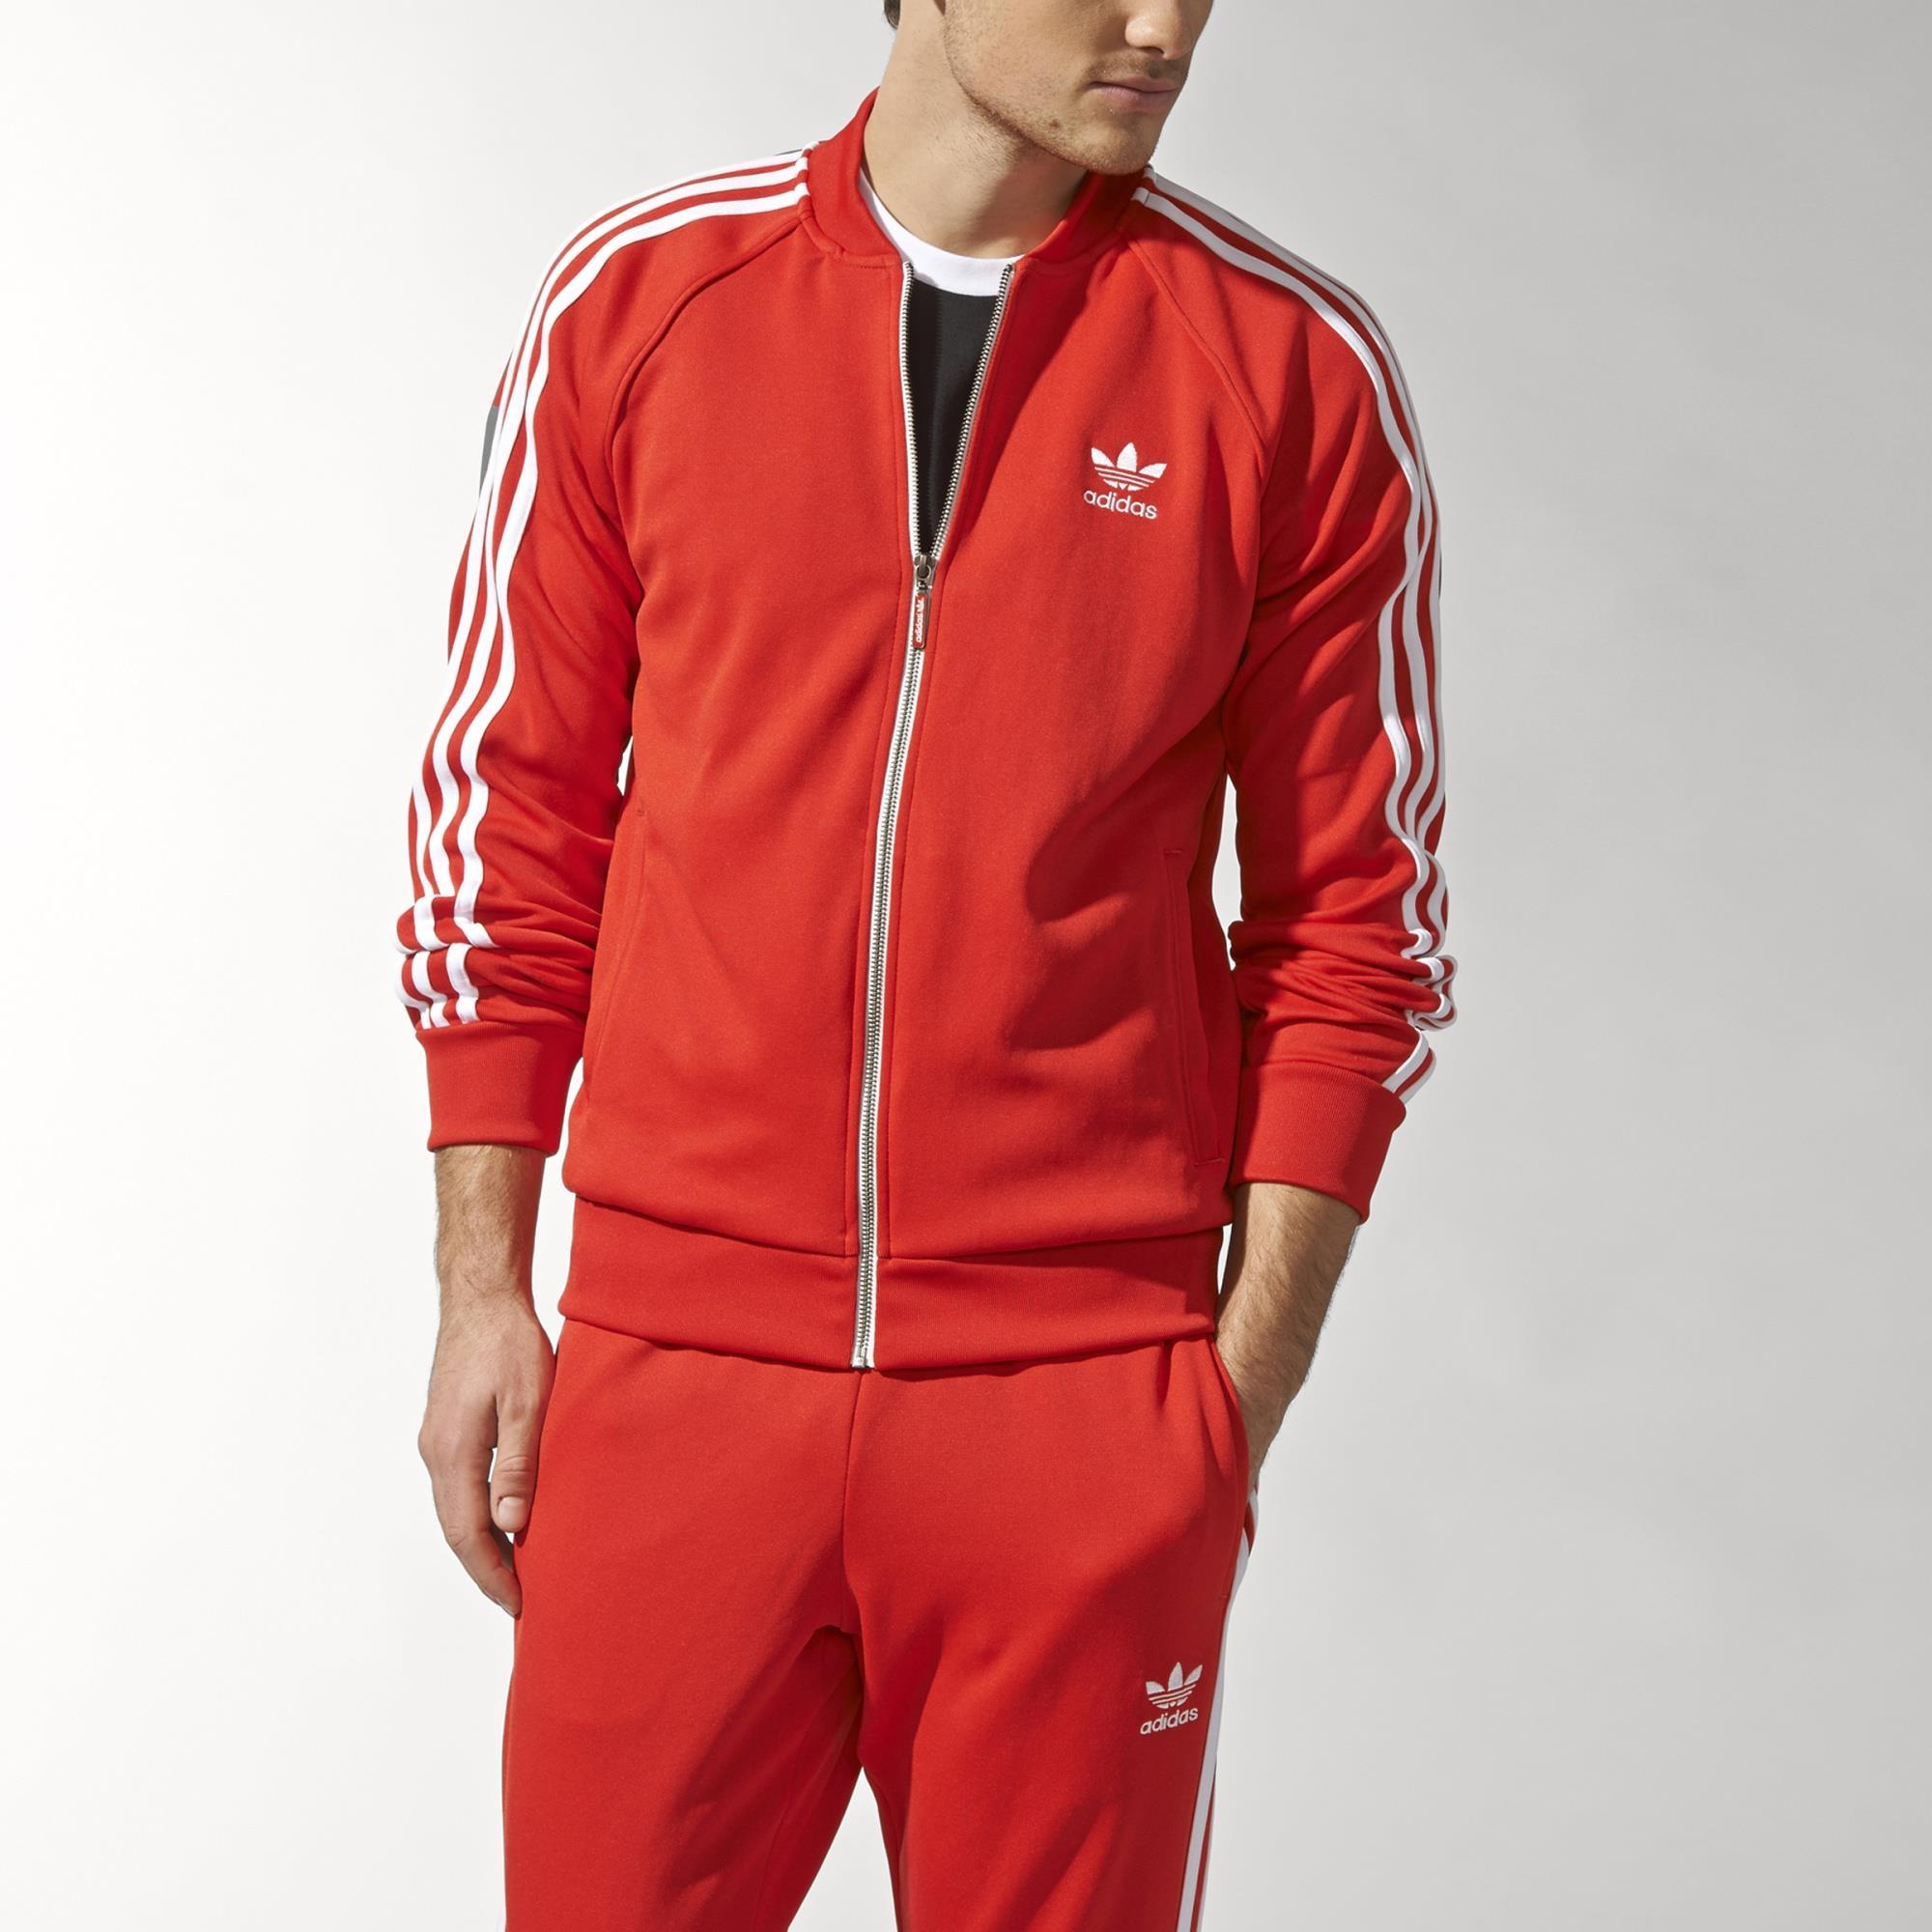 track jacket superstar red adidas adidas italia. Black Bedroom Furniture Sets. Home Design Ideas